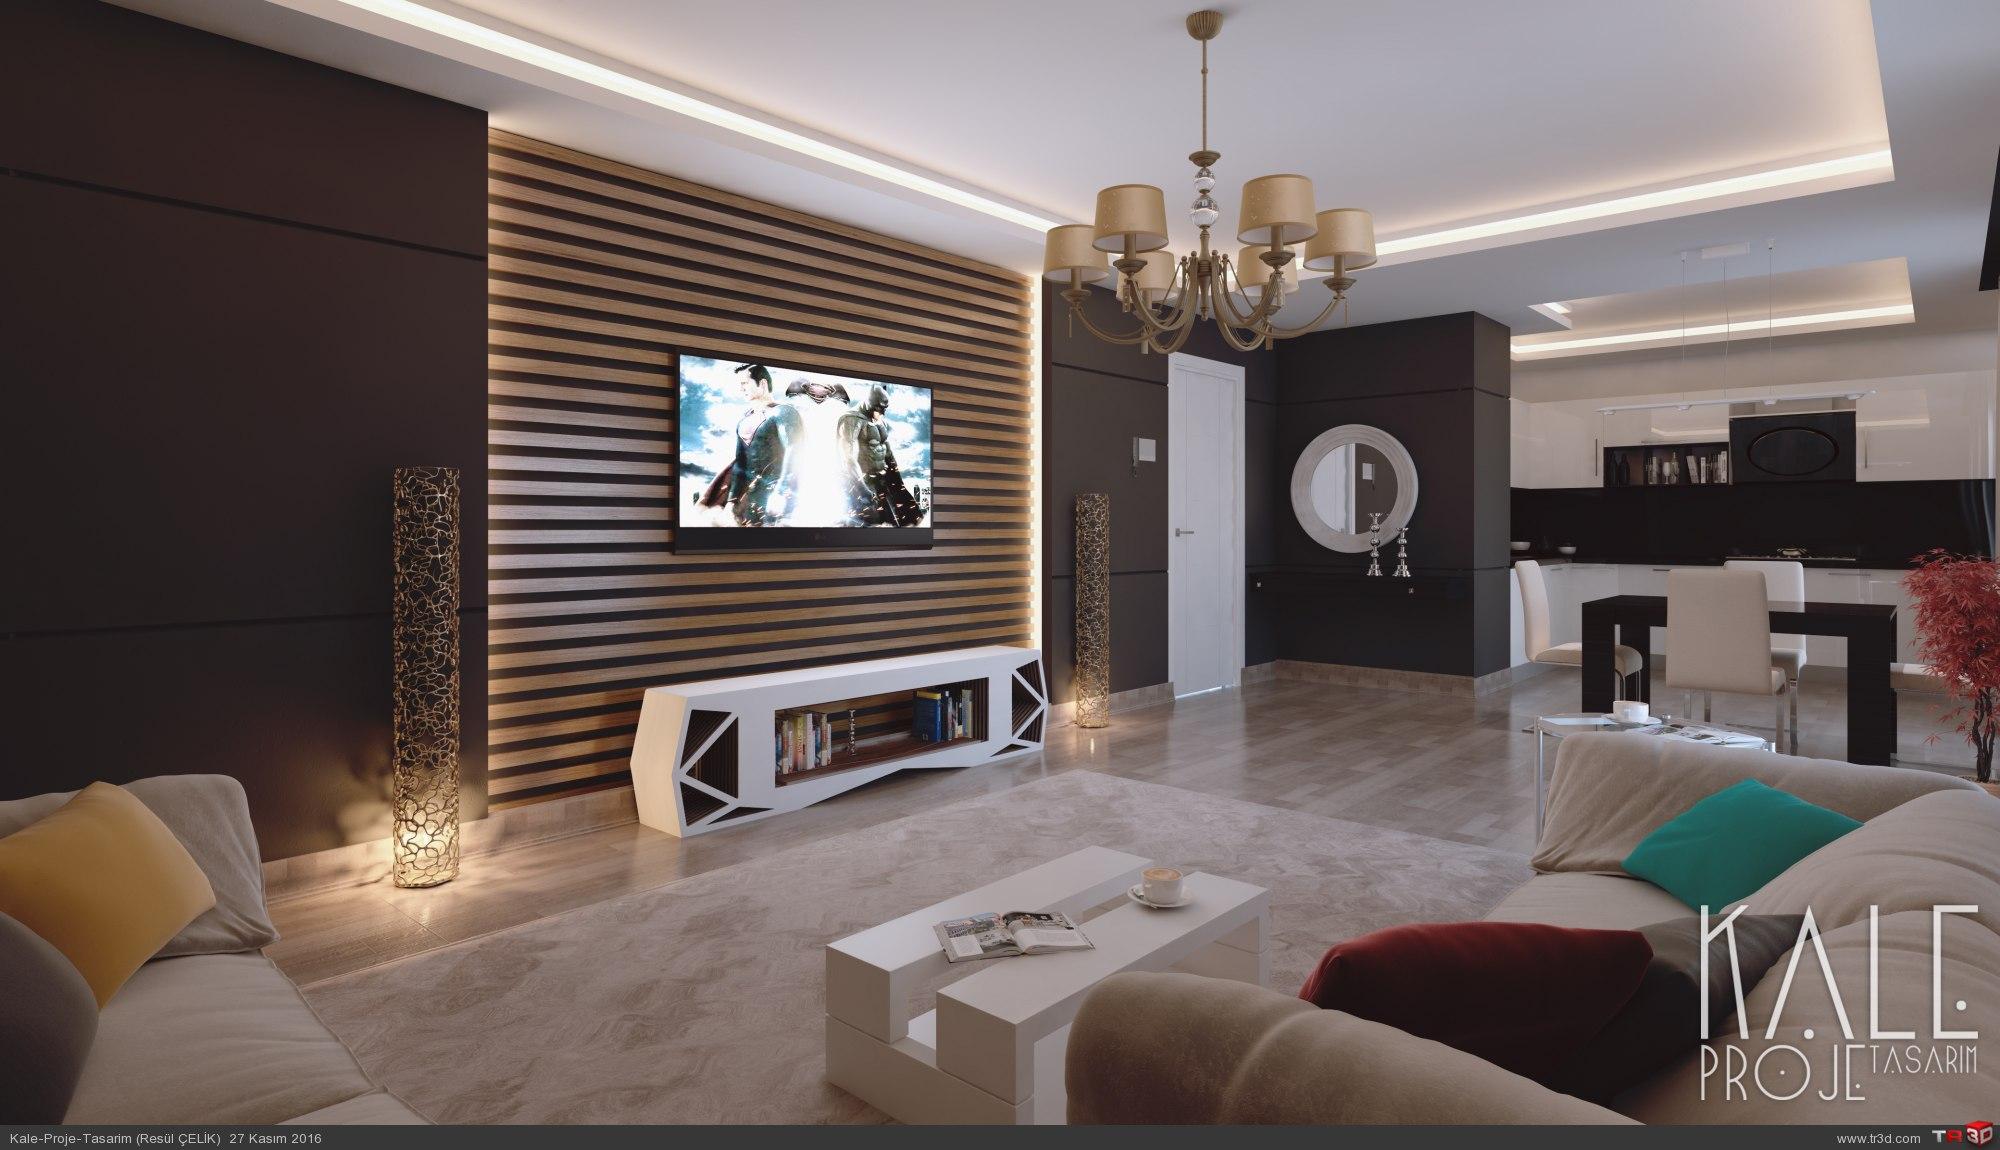 Çanakkale 2016 2+1 Salon + Mutfak tasarımı. 1